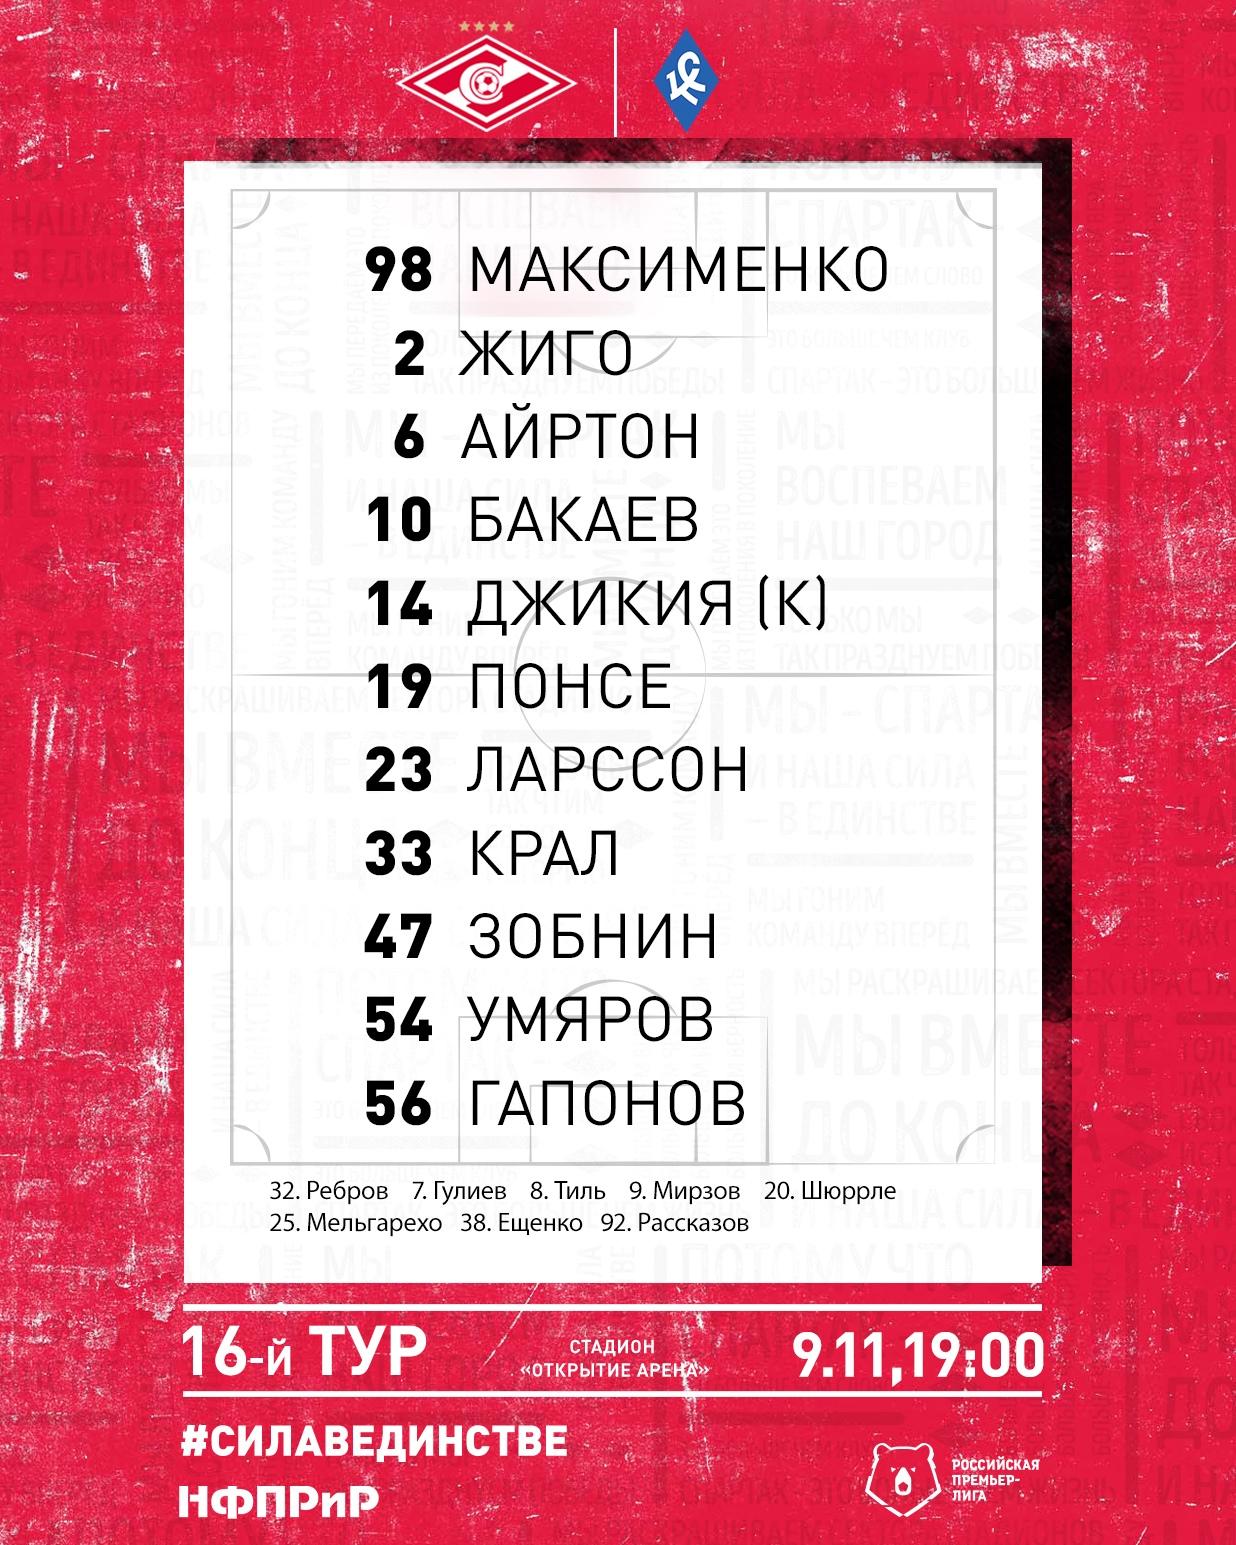 Состав «Спартака» на матч с «Крыльями Советов»